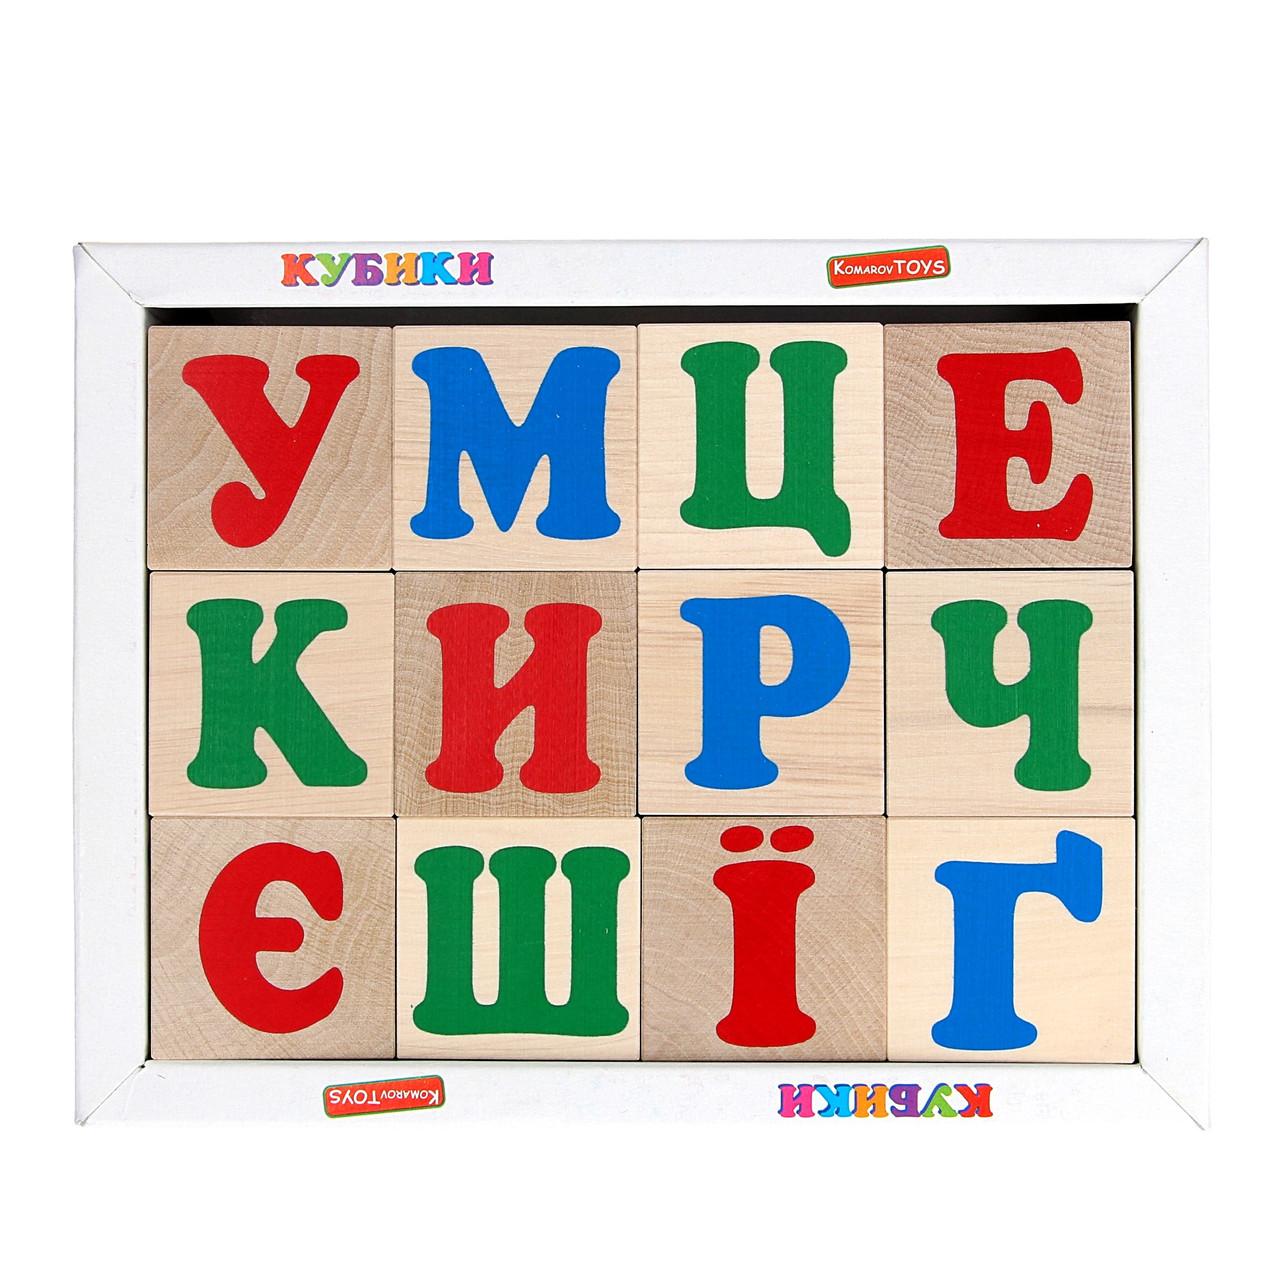 Кубики. Український алфавіт 12 кубиків Komarovtoys (Т601)